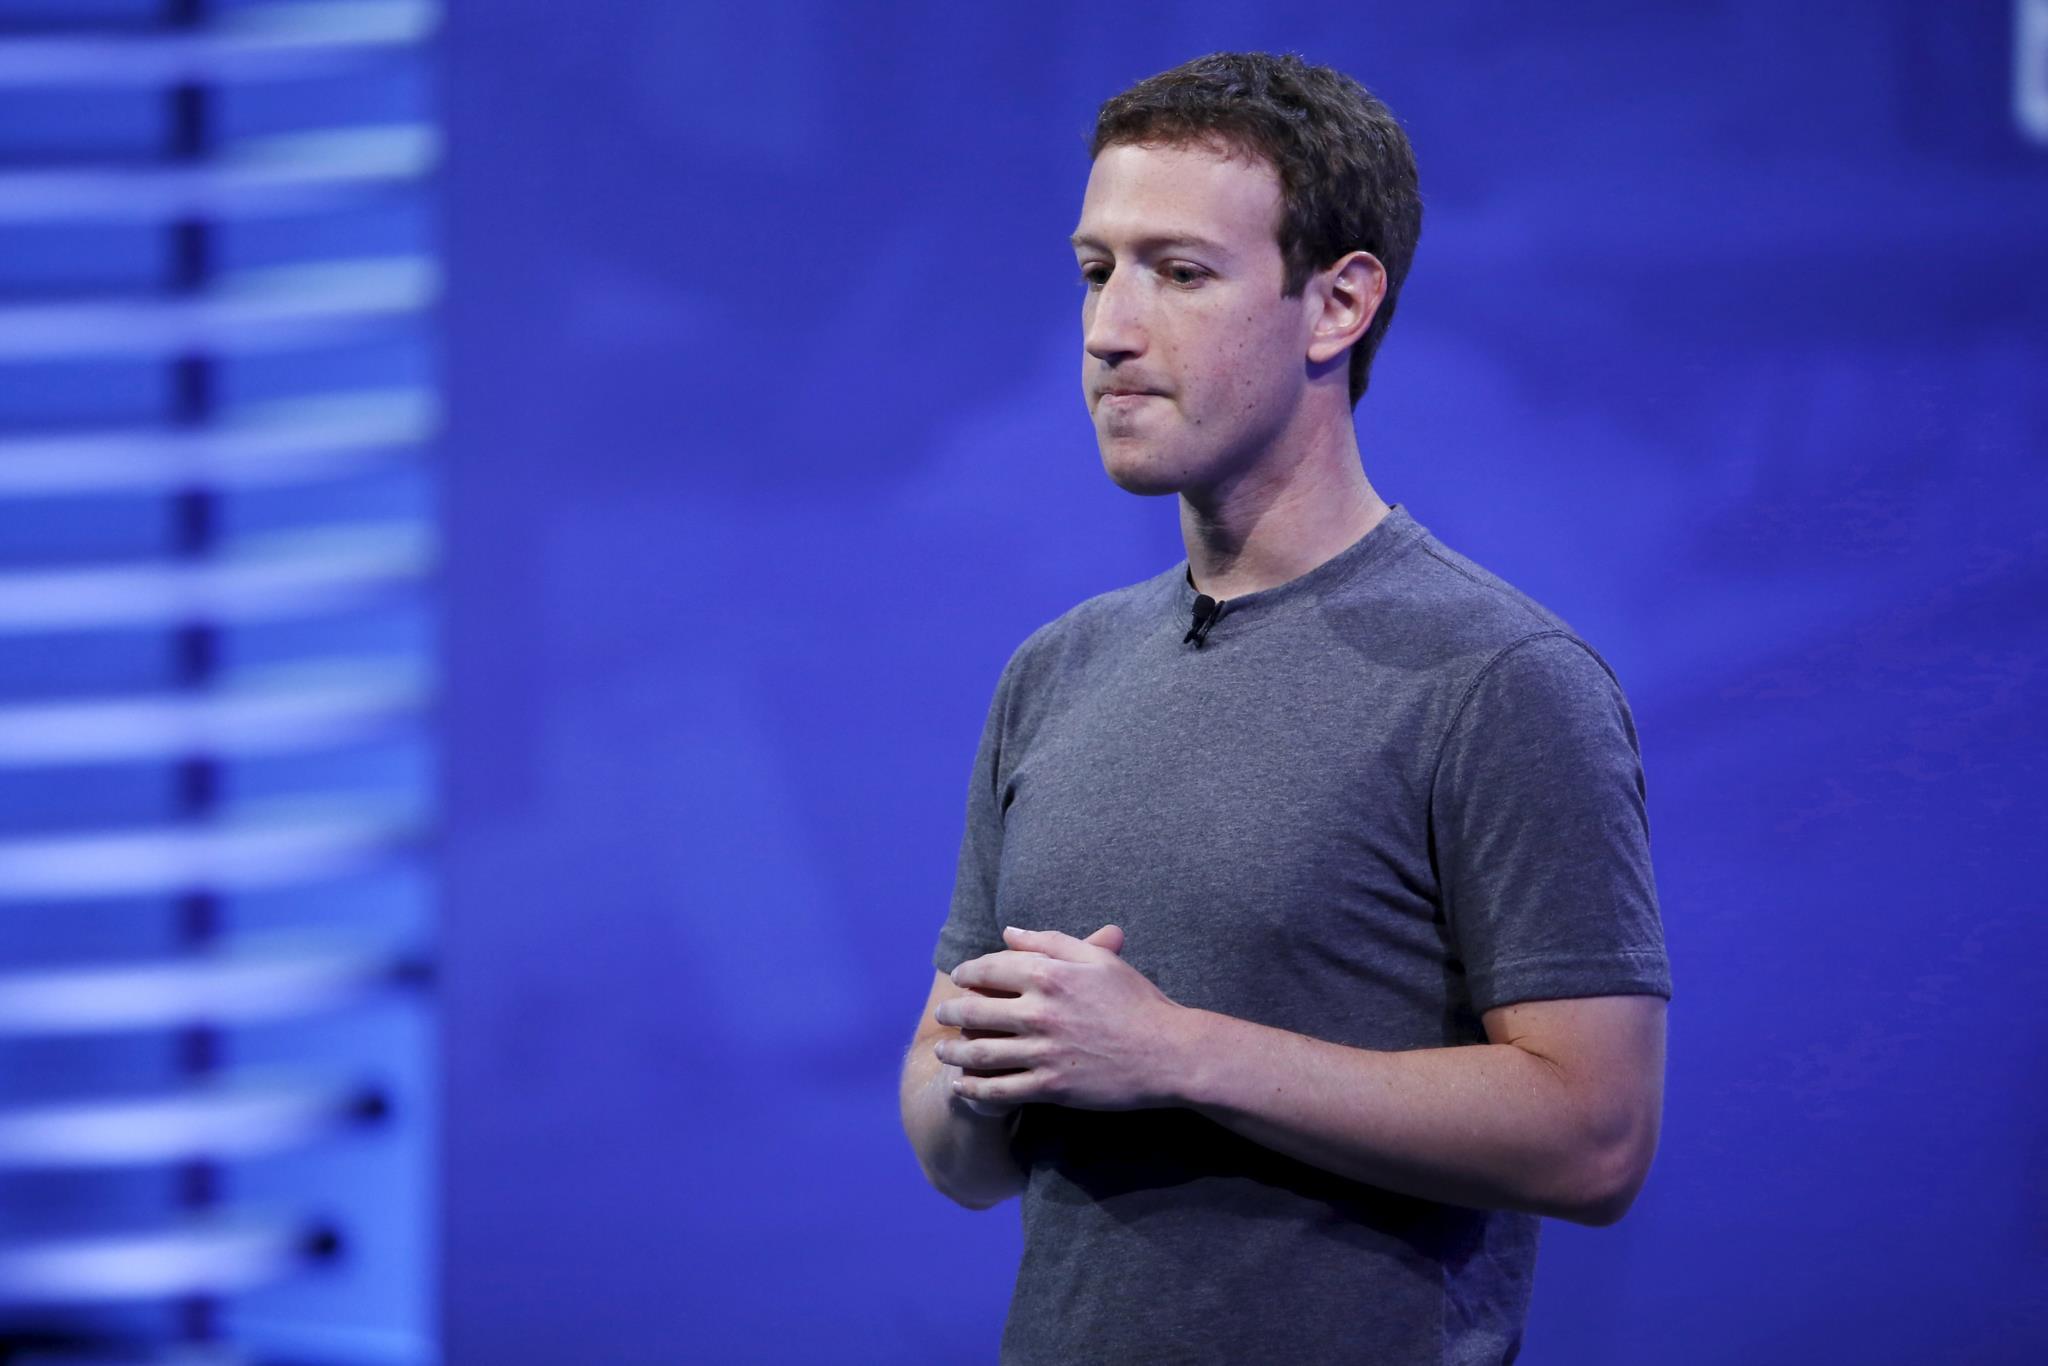 Como copiar o estilo de Mark Zuckerberg com uma única peça?